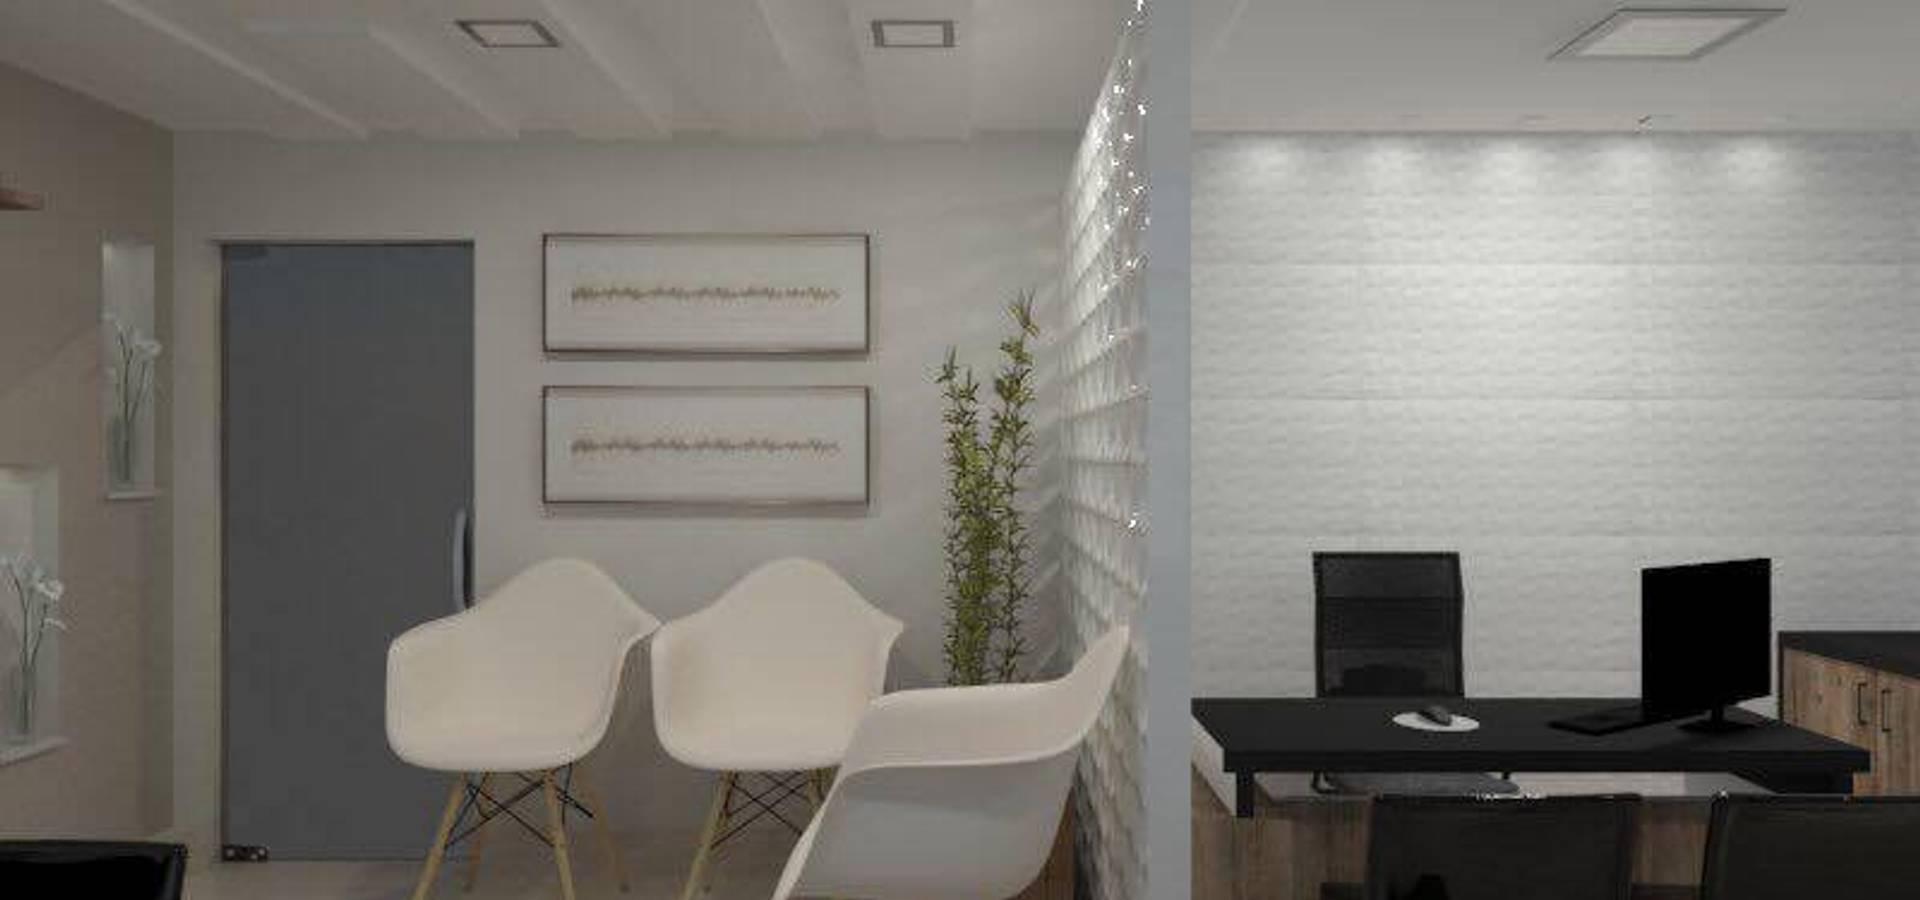 Projetar Arquitetura e Interiores